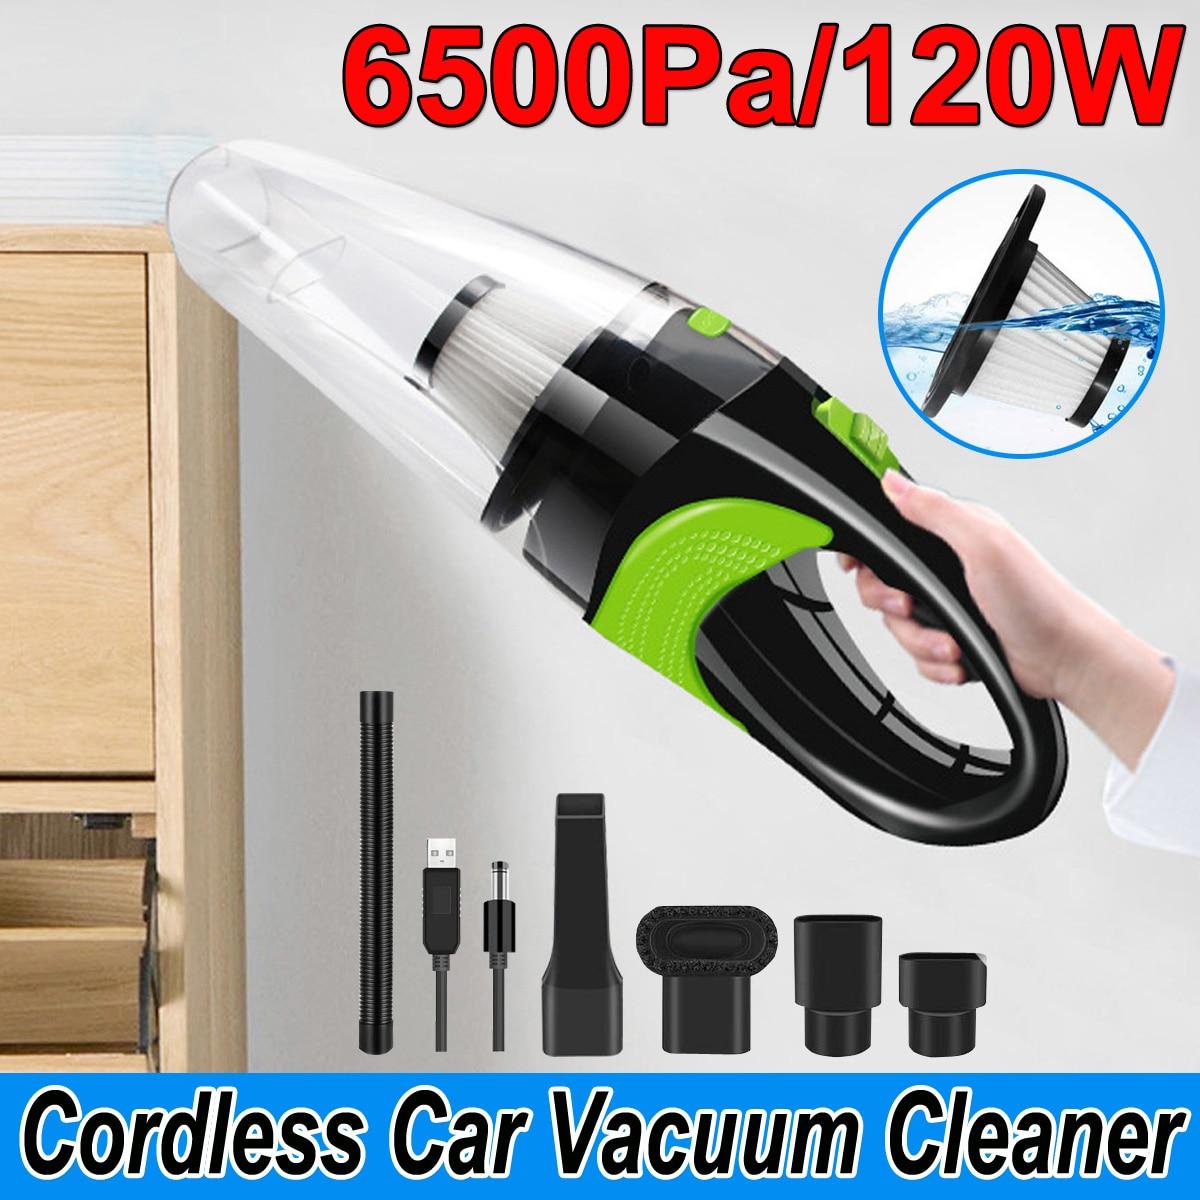 6500pa forte puissance voiture aspirateur DC 12V 120W sans fil humide et sec double usage Auto Portable aspirateurs nettoyeur pour le bureau à domicile